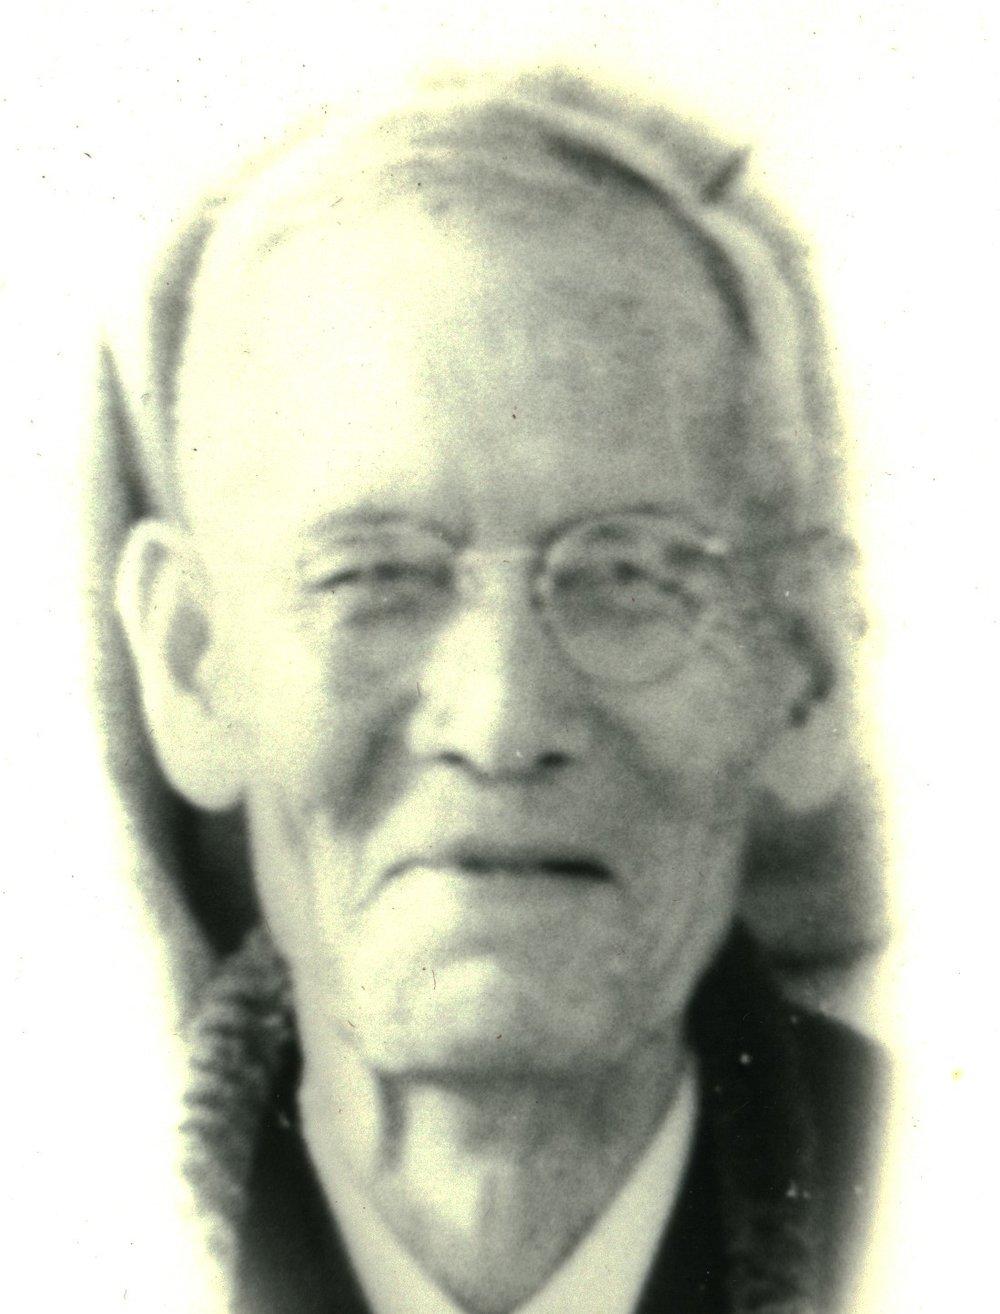 Tamasaku Watanabe 1935-1941